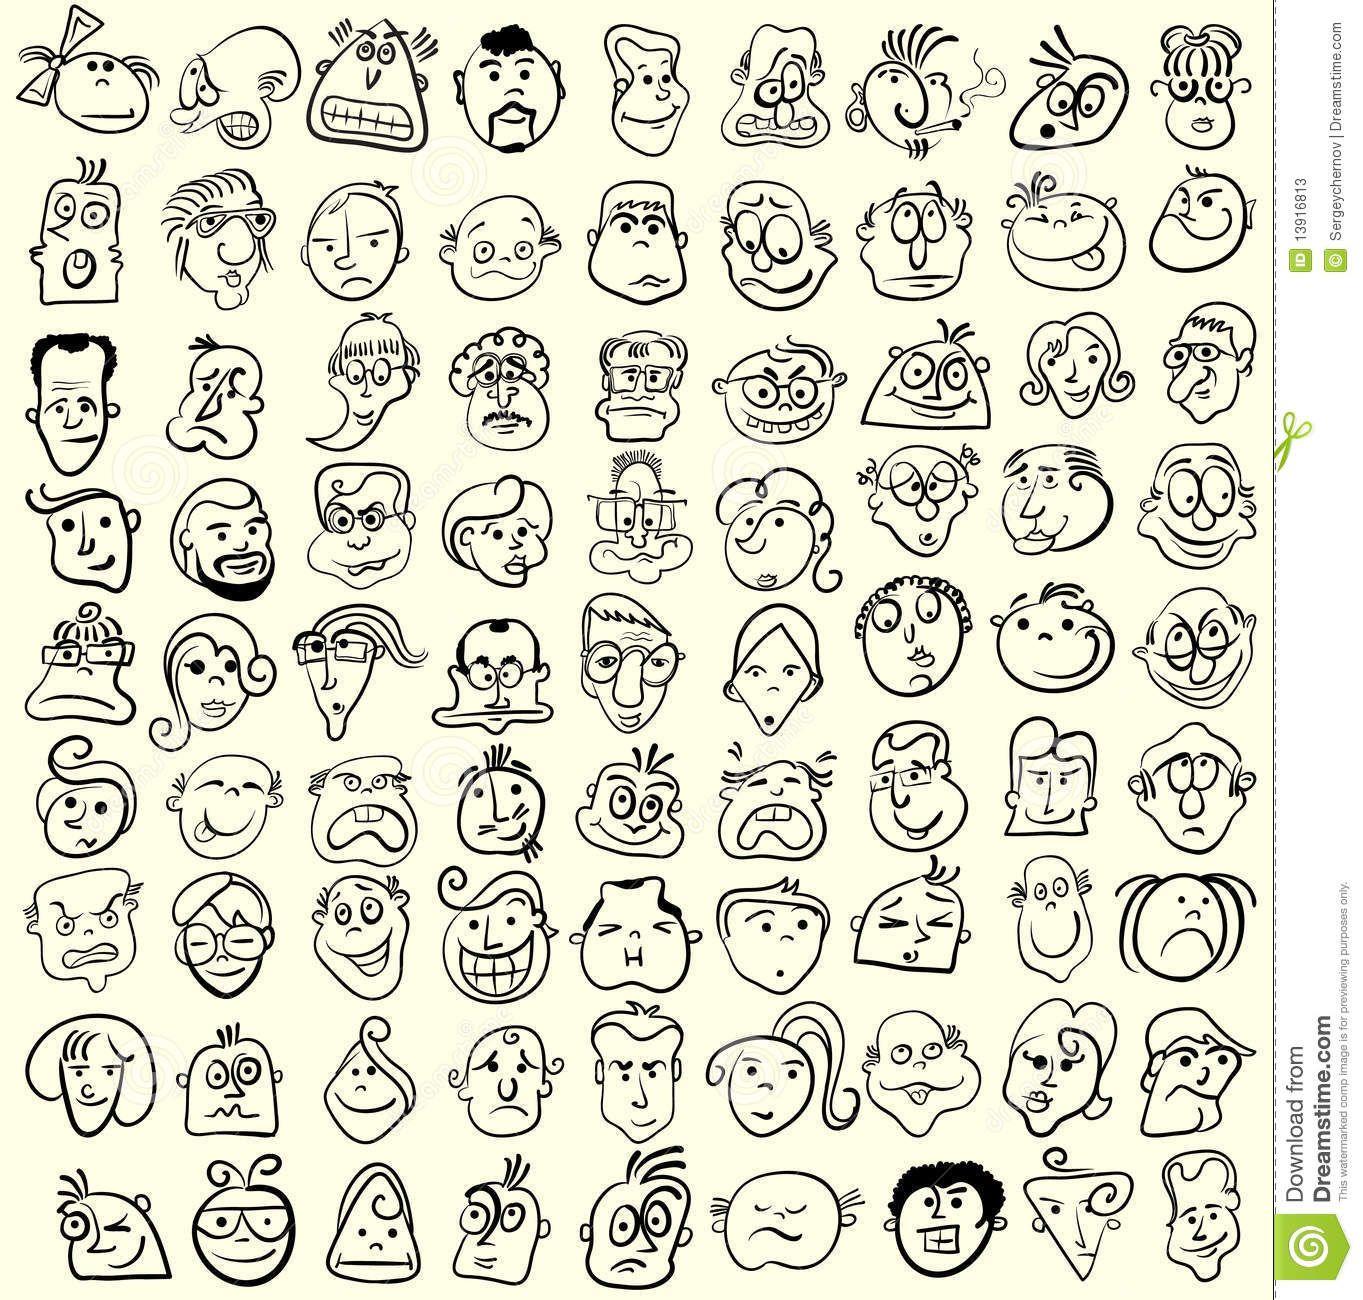 Top dessin caricature - Recherche Google | Dessins à reproduire  DD52